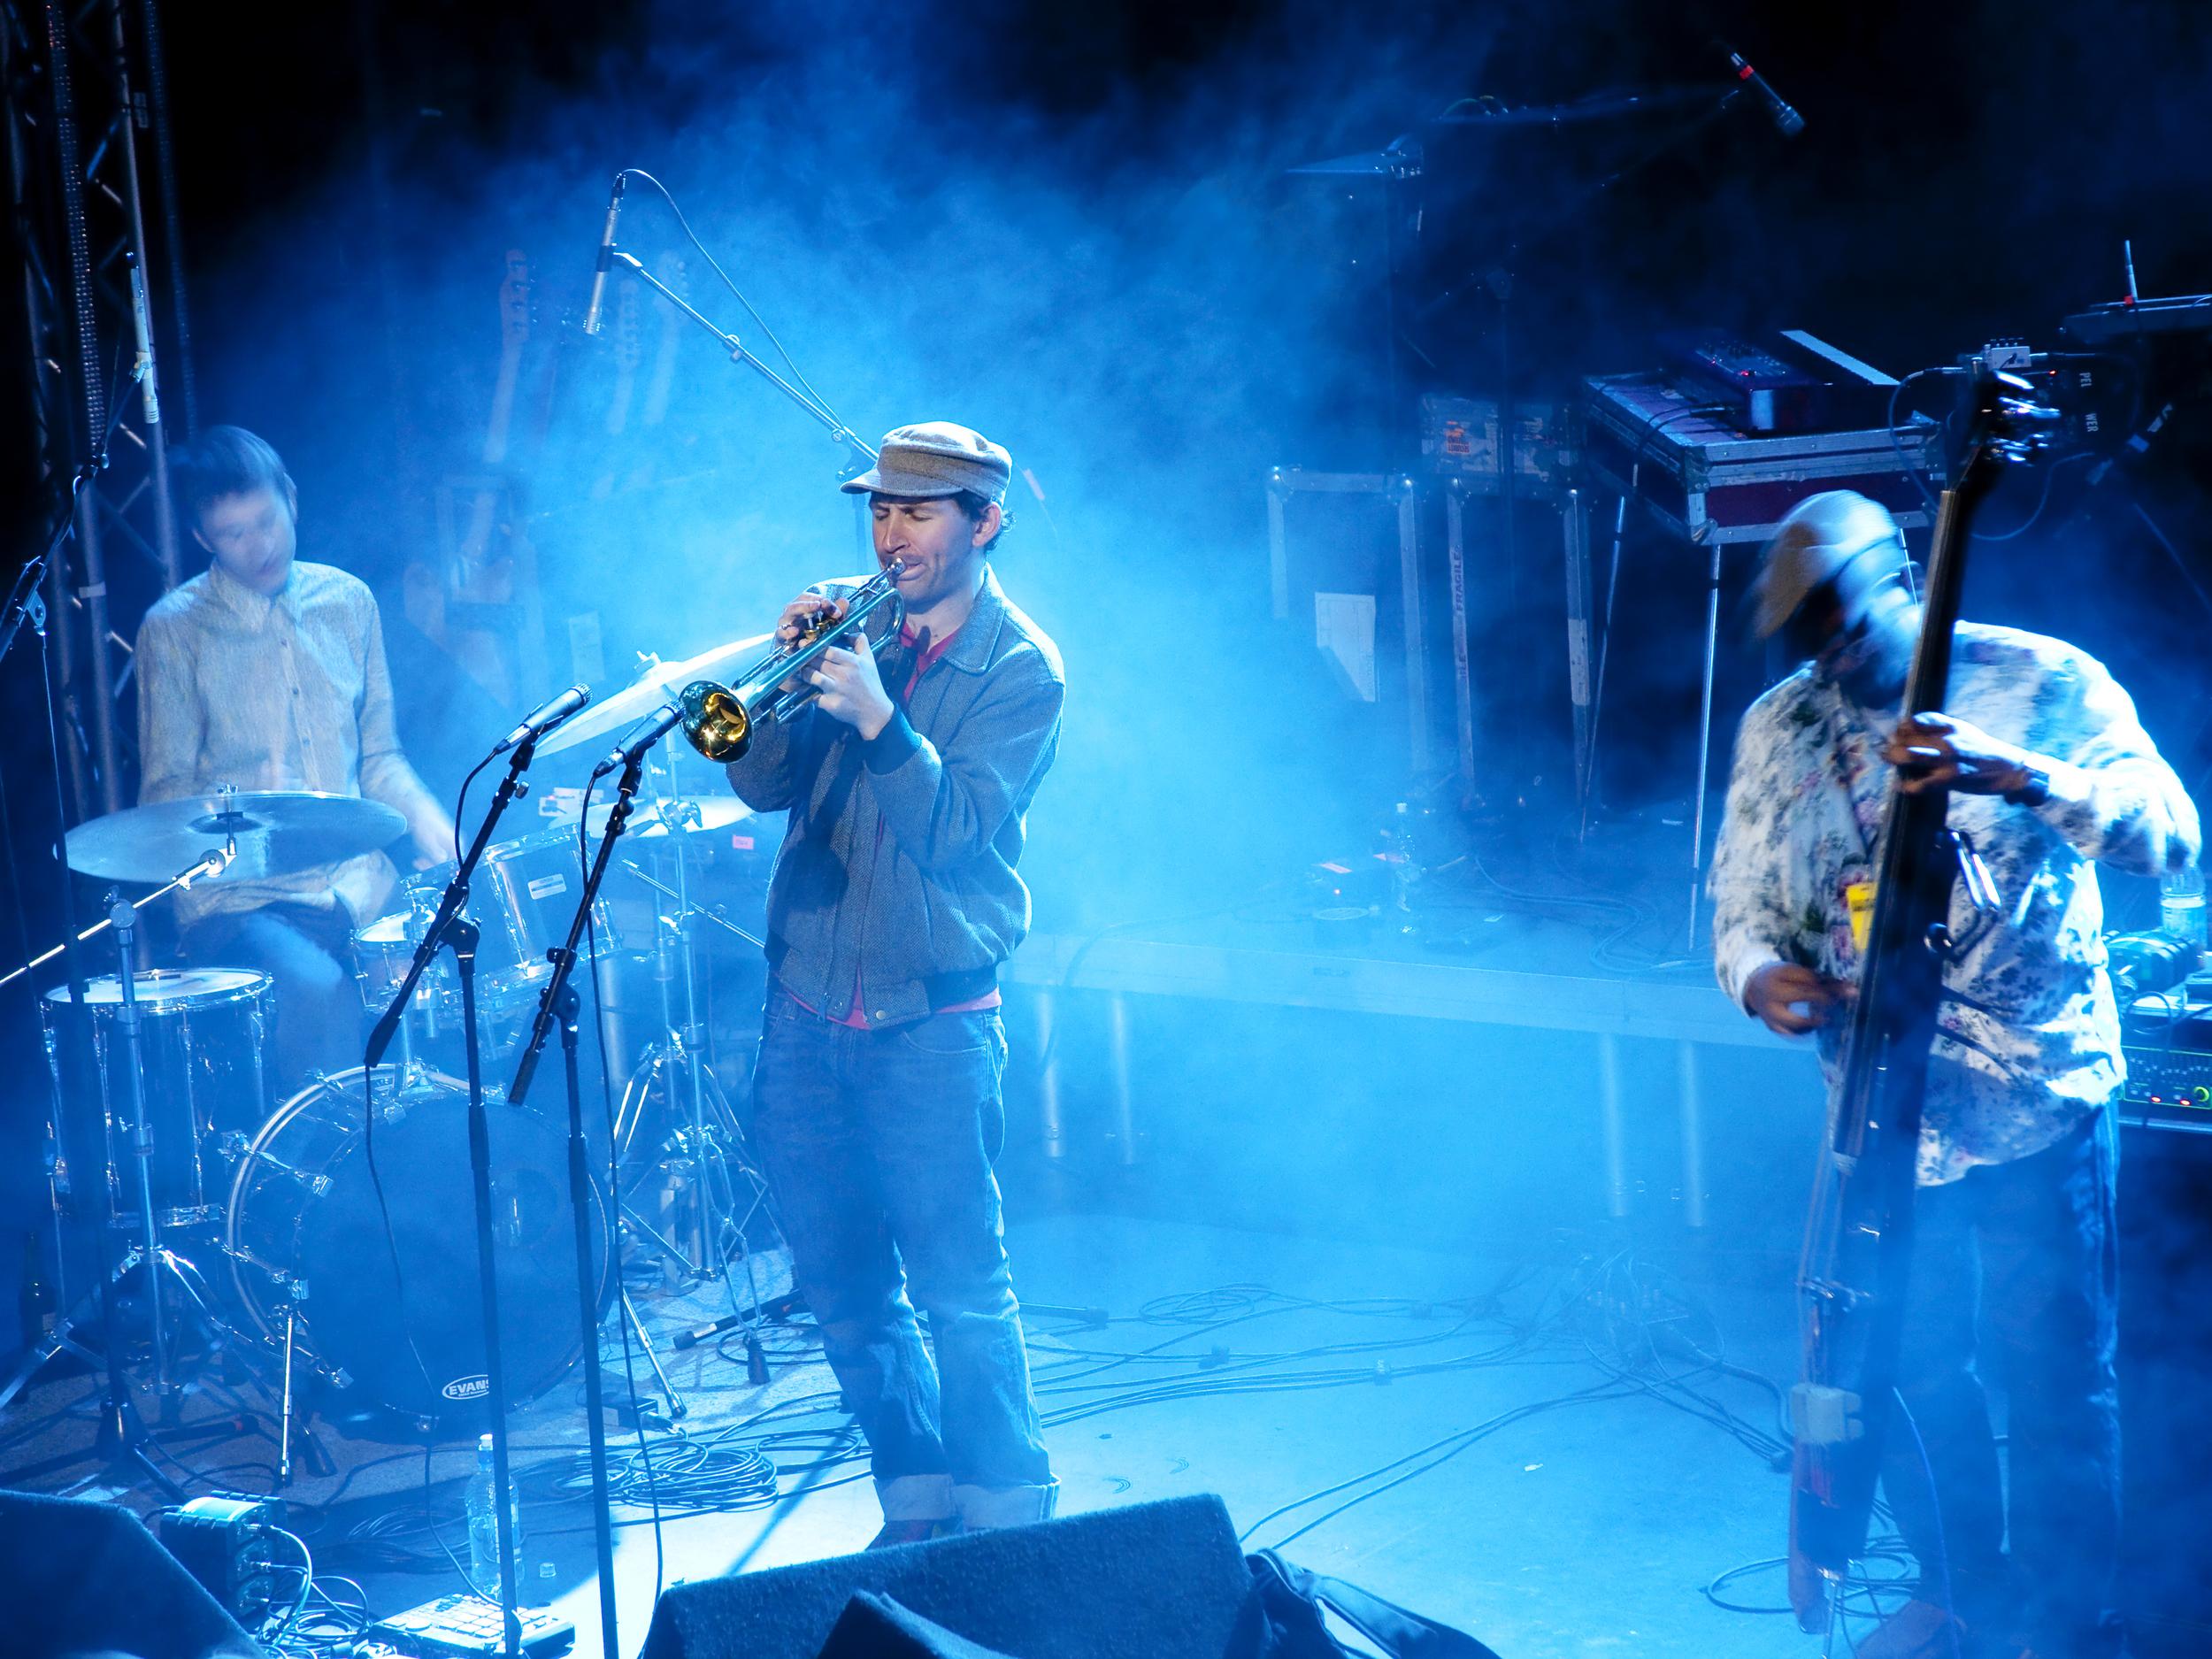 Live gig photo